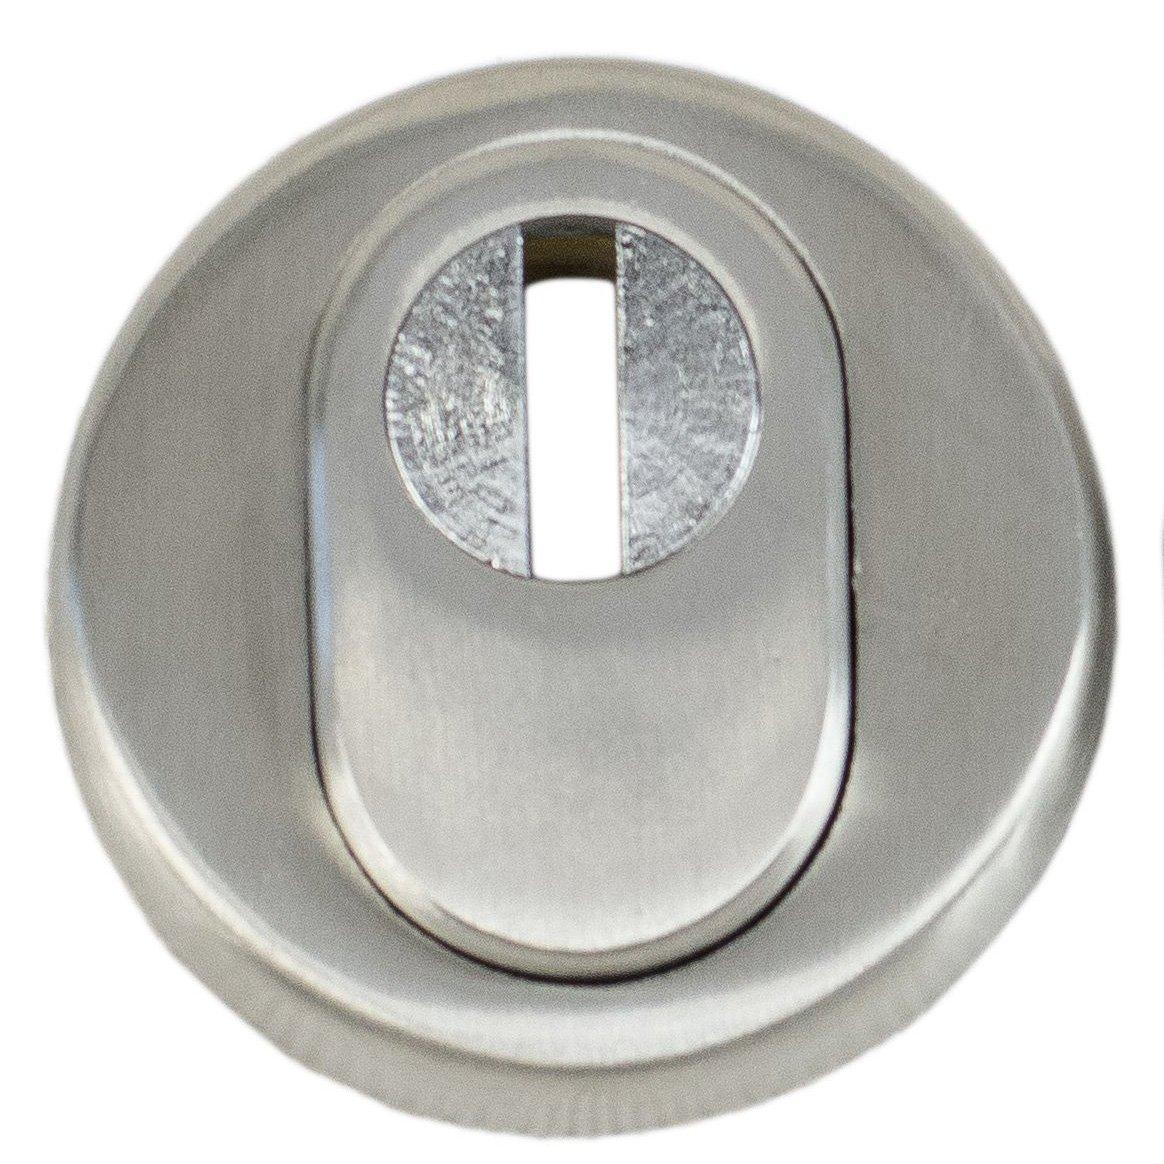 Schutzrosette aus Edelstahl und Anbohrschutz effektiver Zieh Oberfl/äche matt geb/ürstet mit Zylinderabdeckung